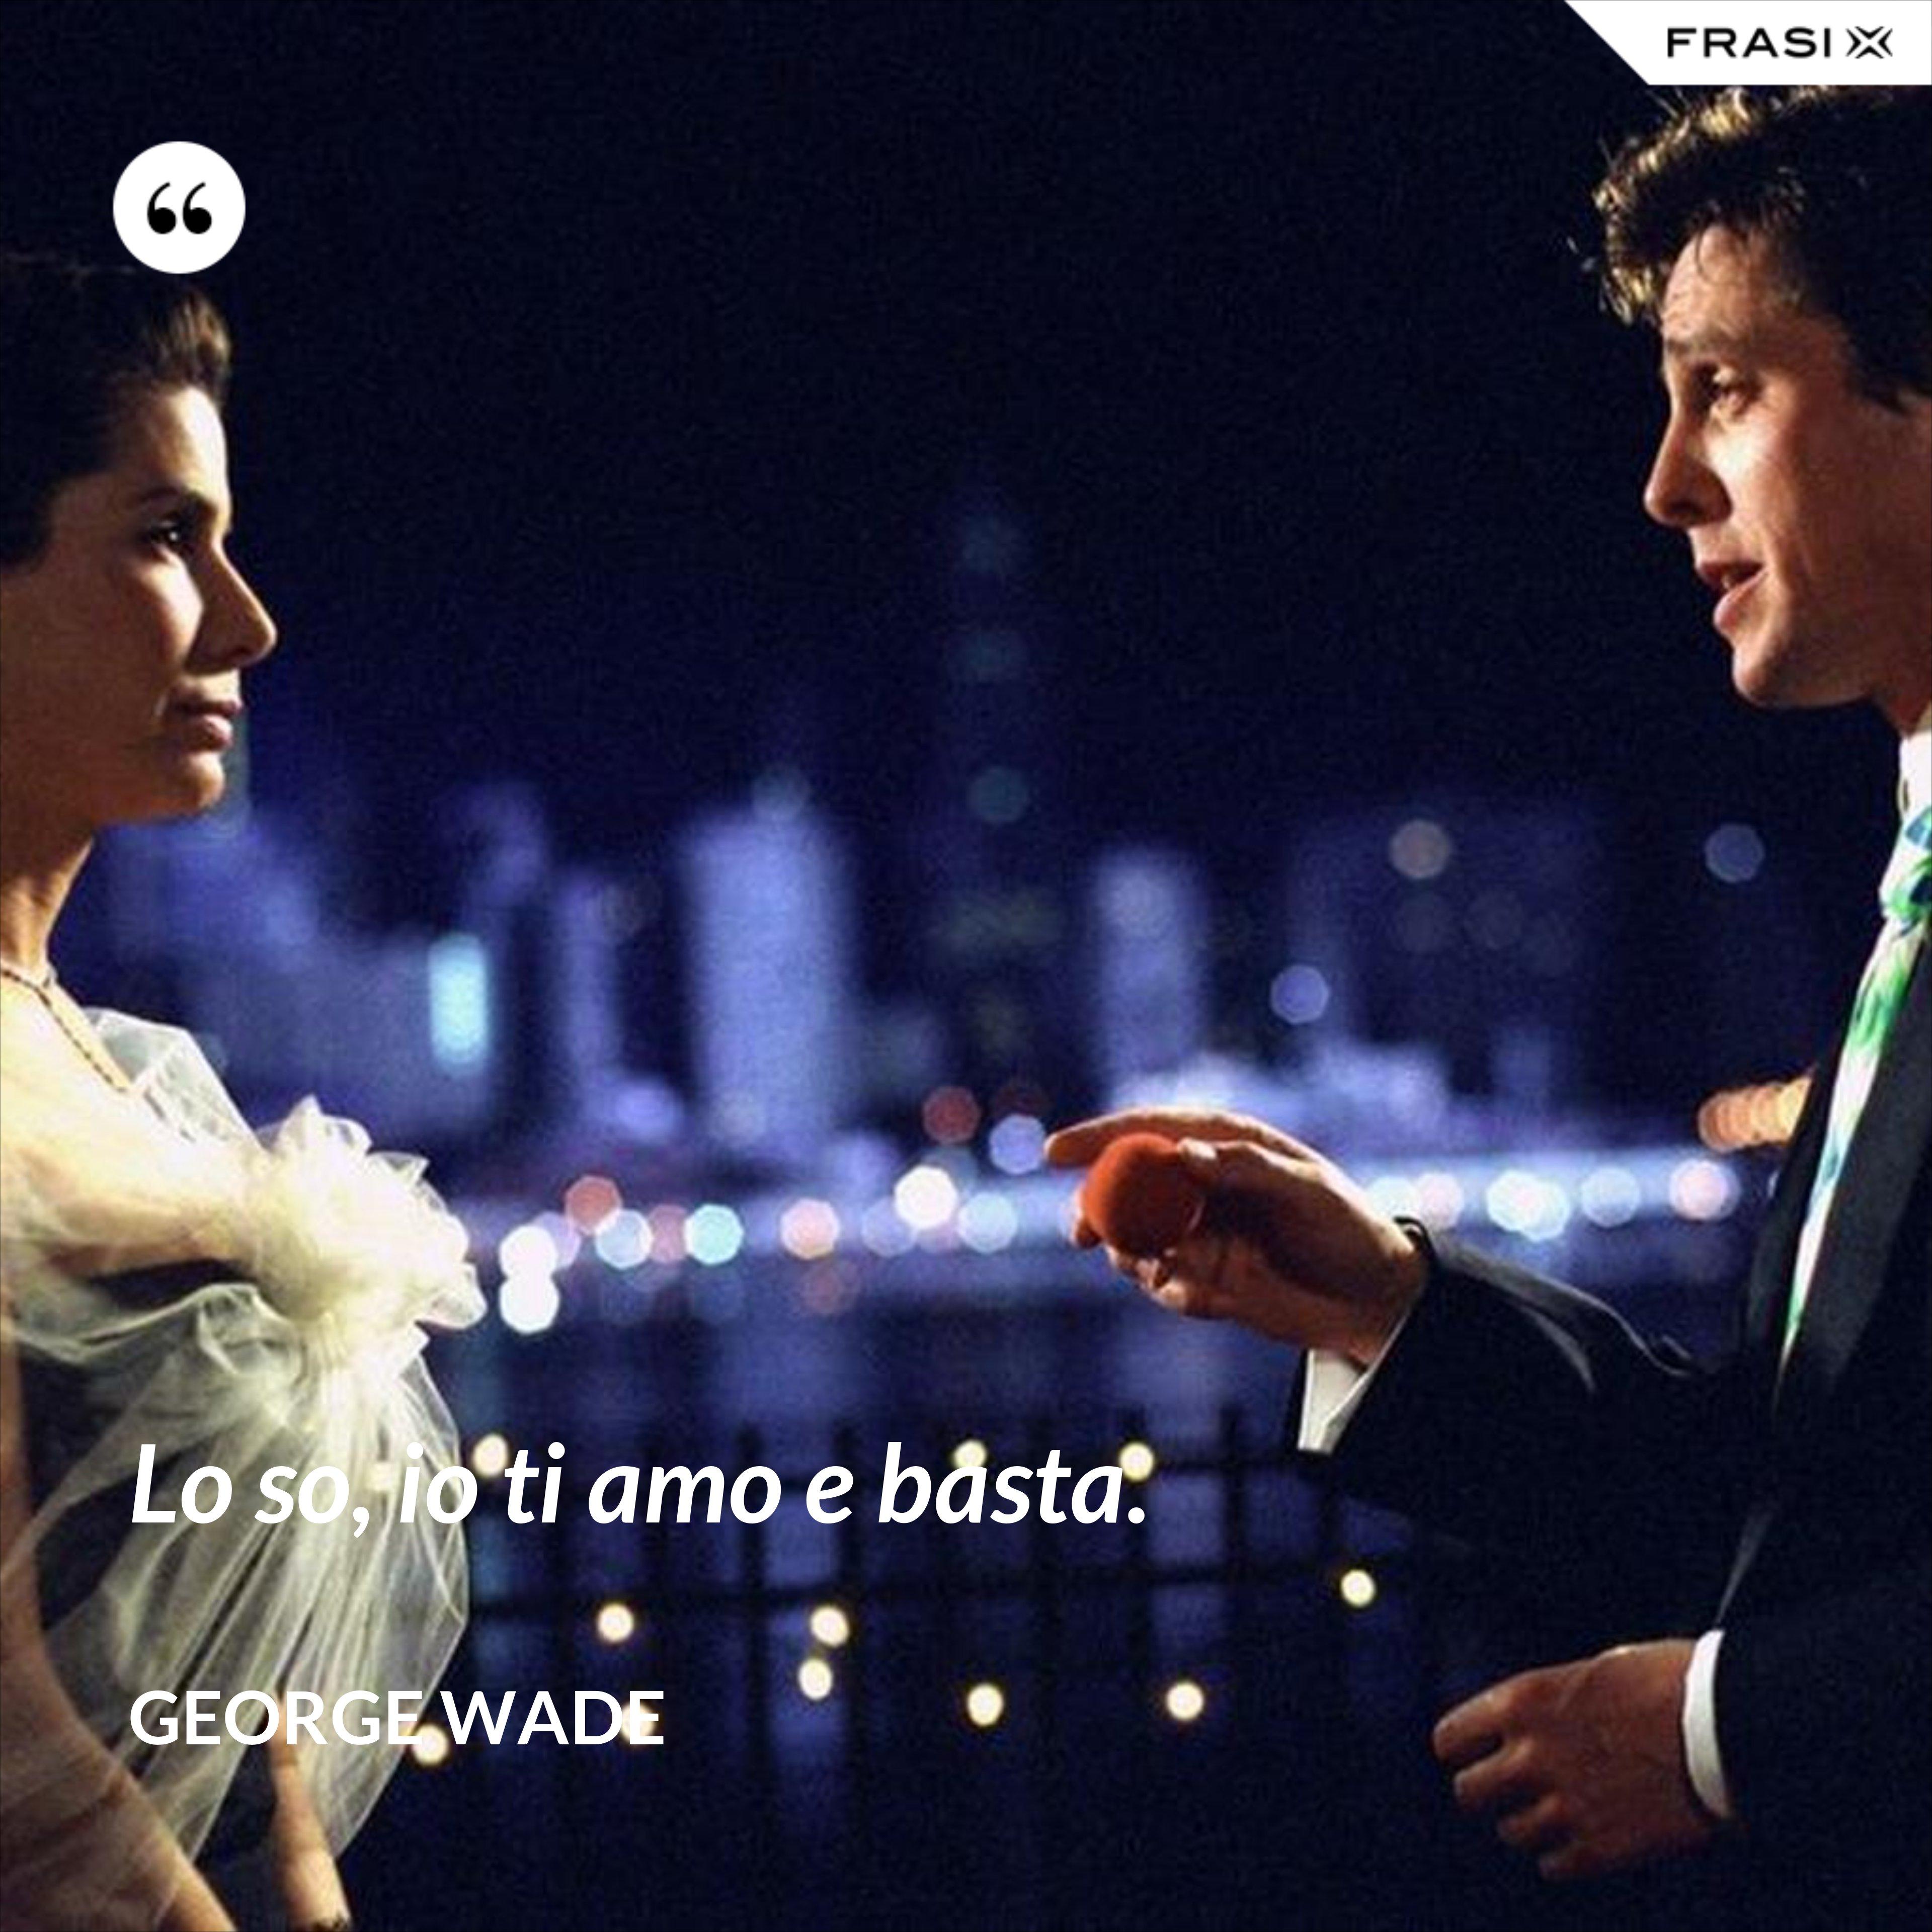 Lo so, io ti amo e basta. - George Wade